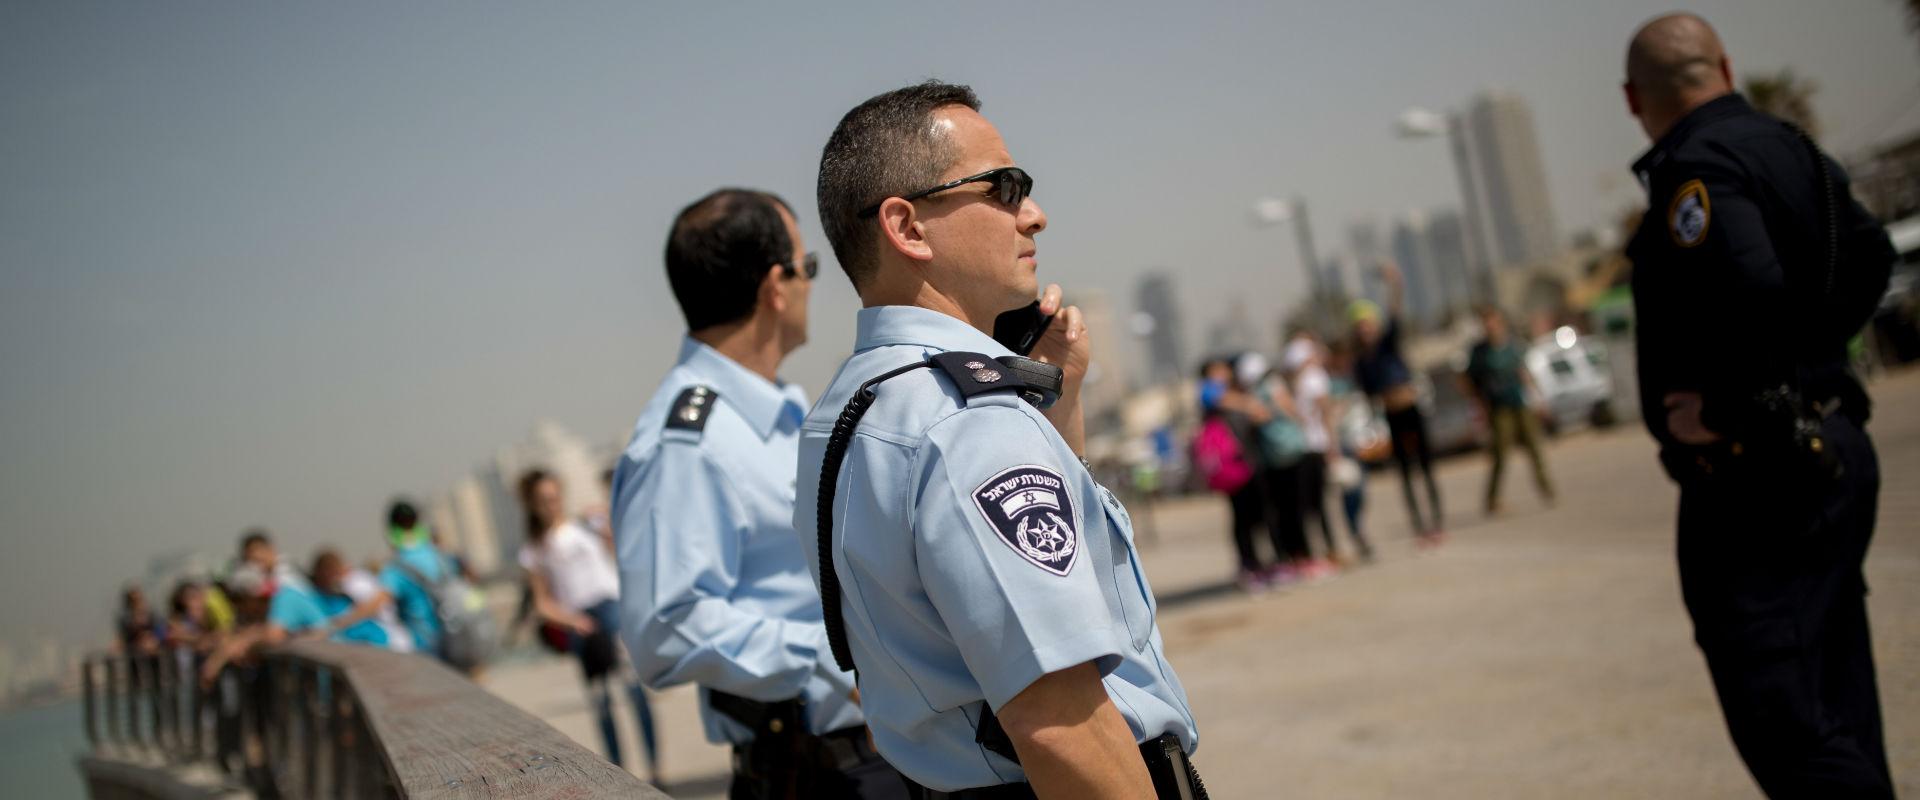 שוטרים (ארכיון)